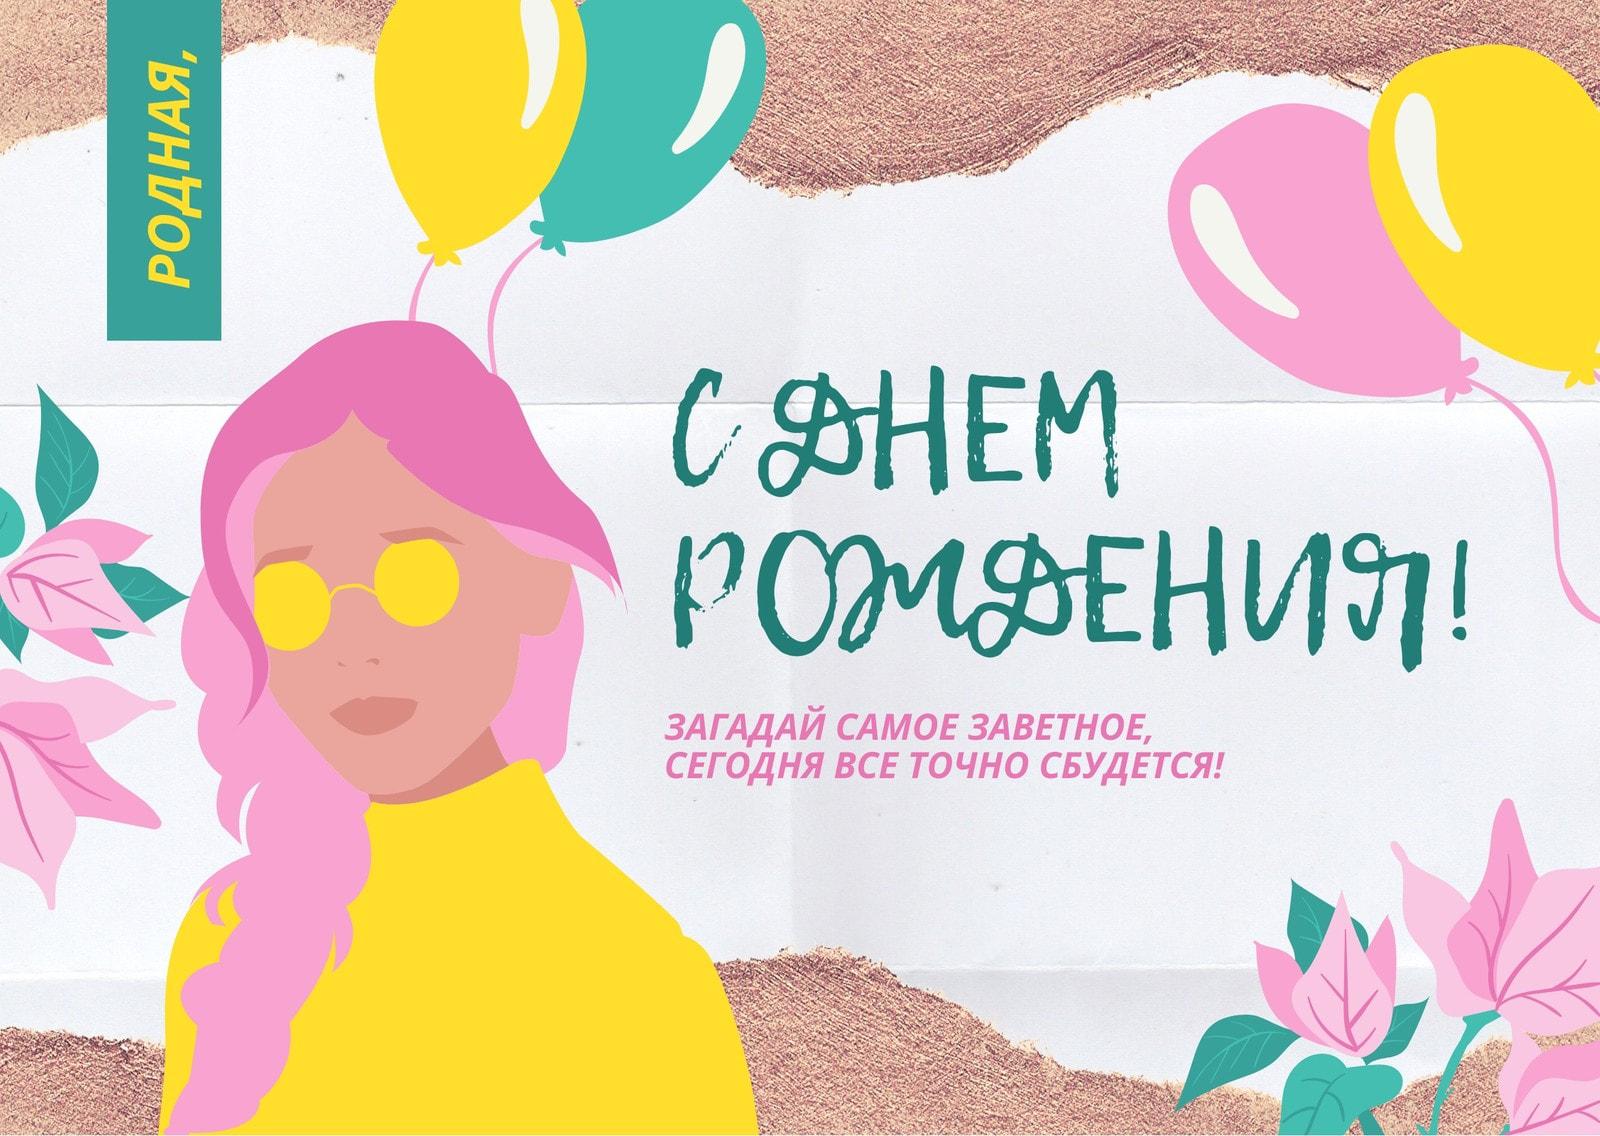 Цветная открытка на день рождения девушки с рисунком цветов и воздушных шаров